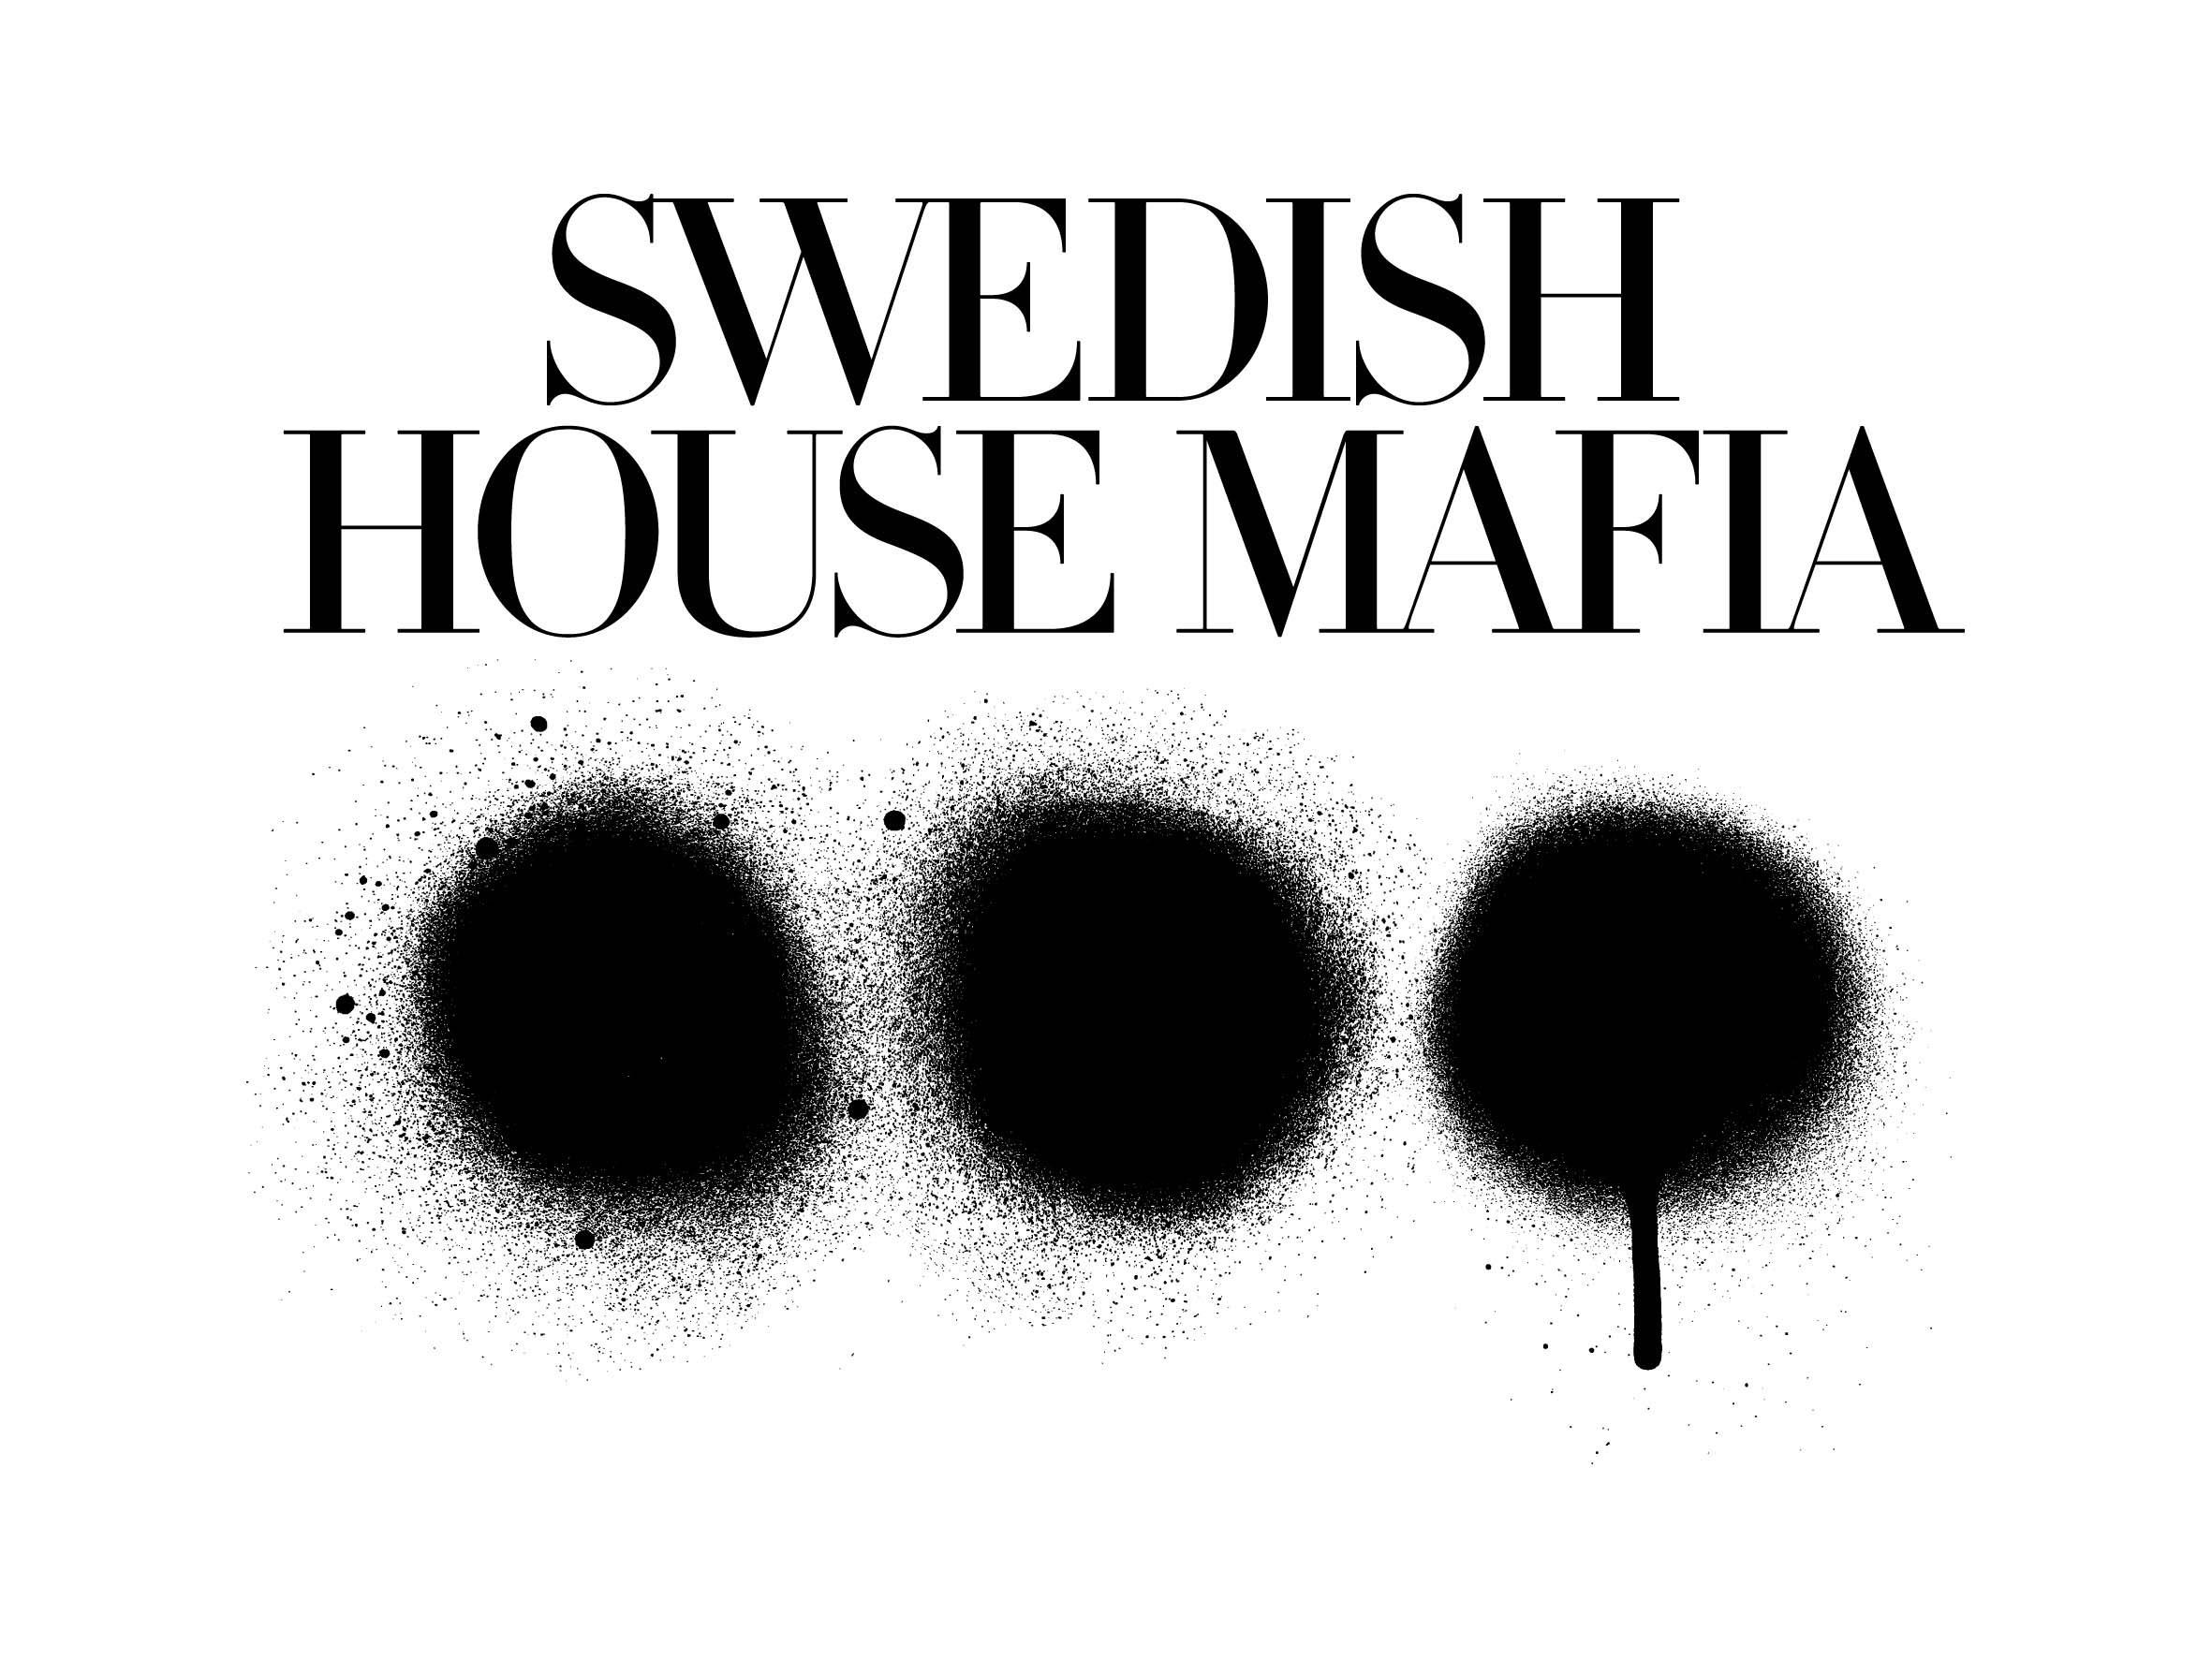 swedish house mafia - dj mizzy dj mizzy